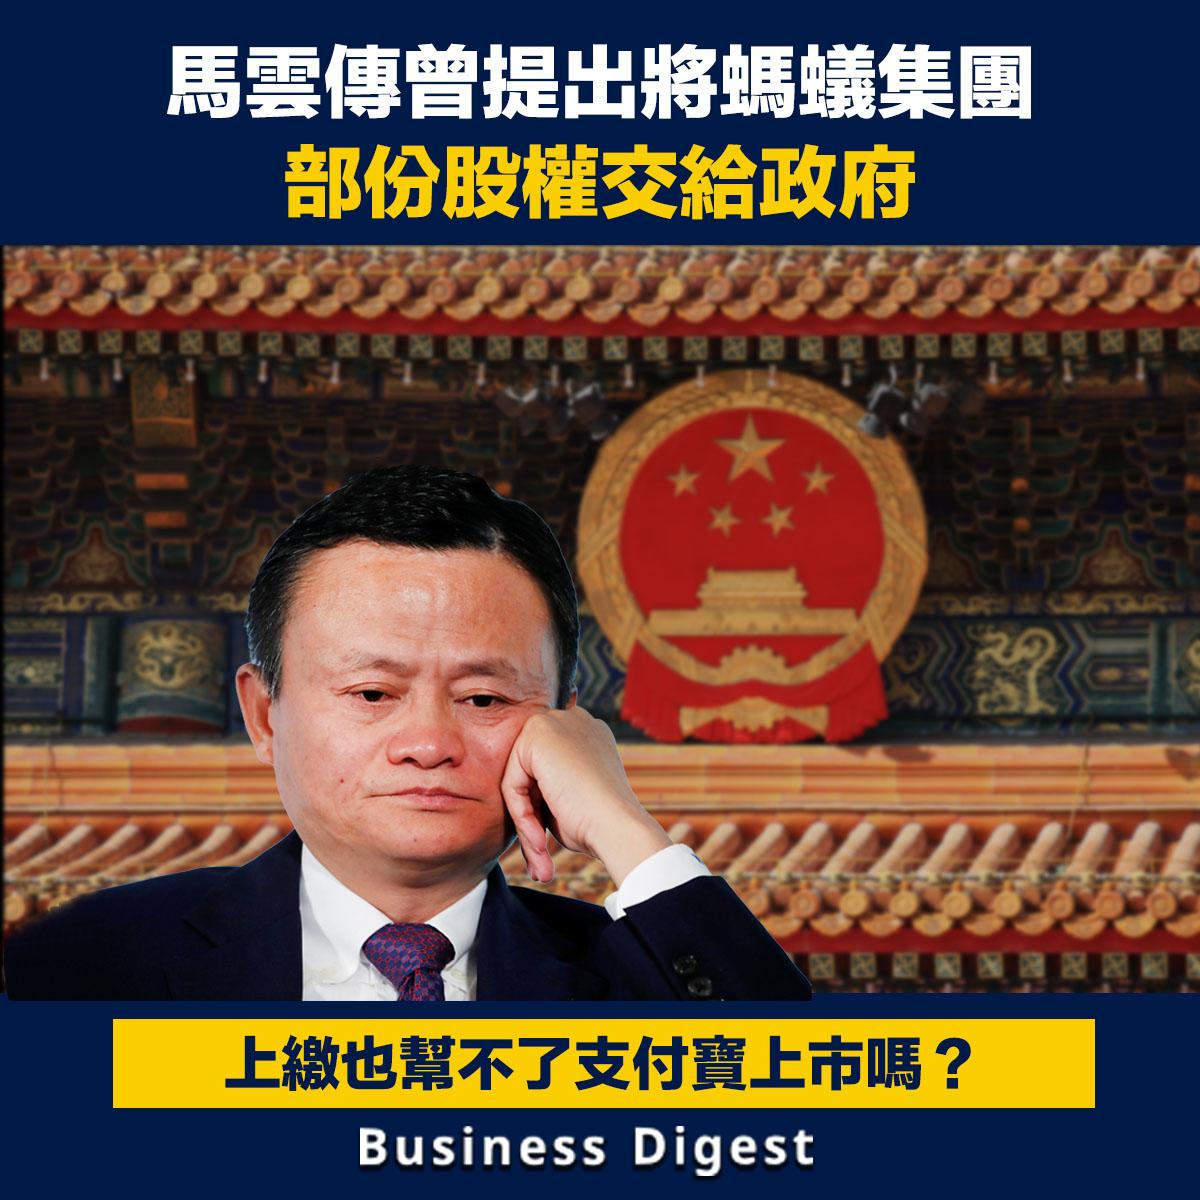 馬雲傳曾提出將螞蟻集團部份股權交給政府